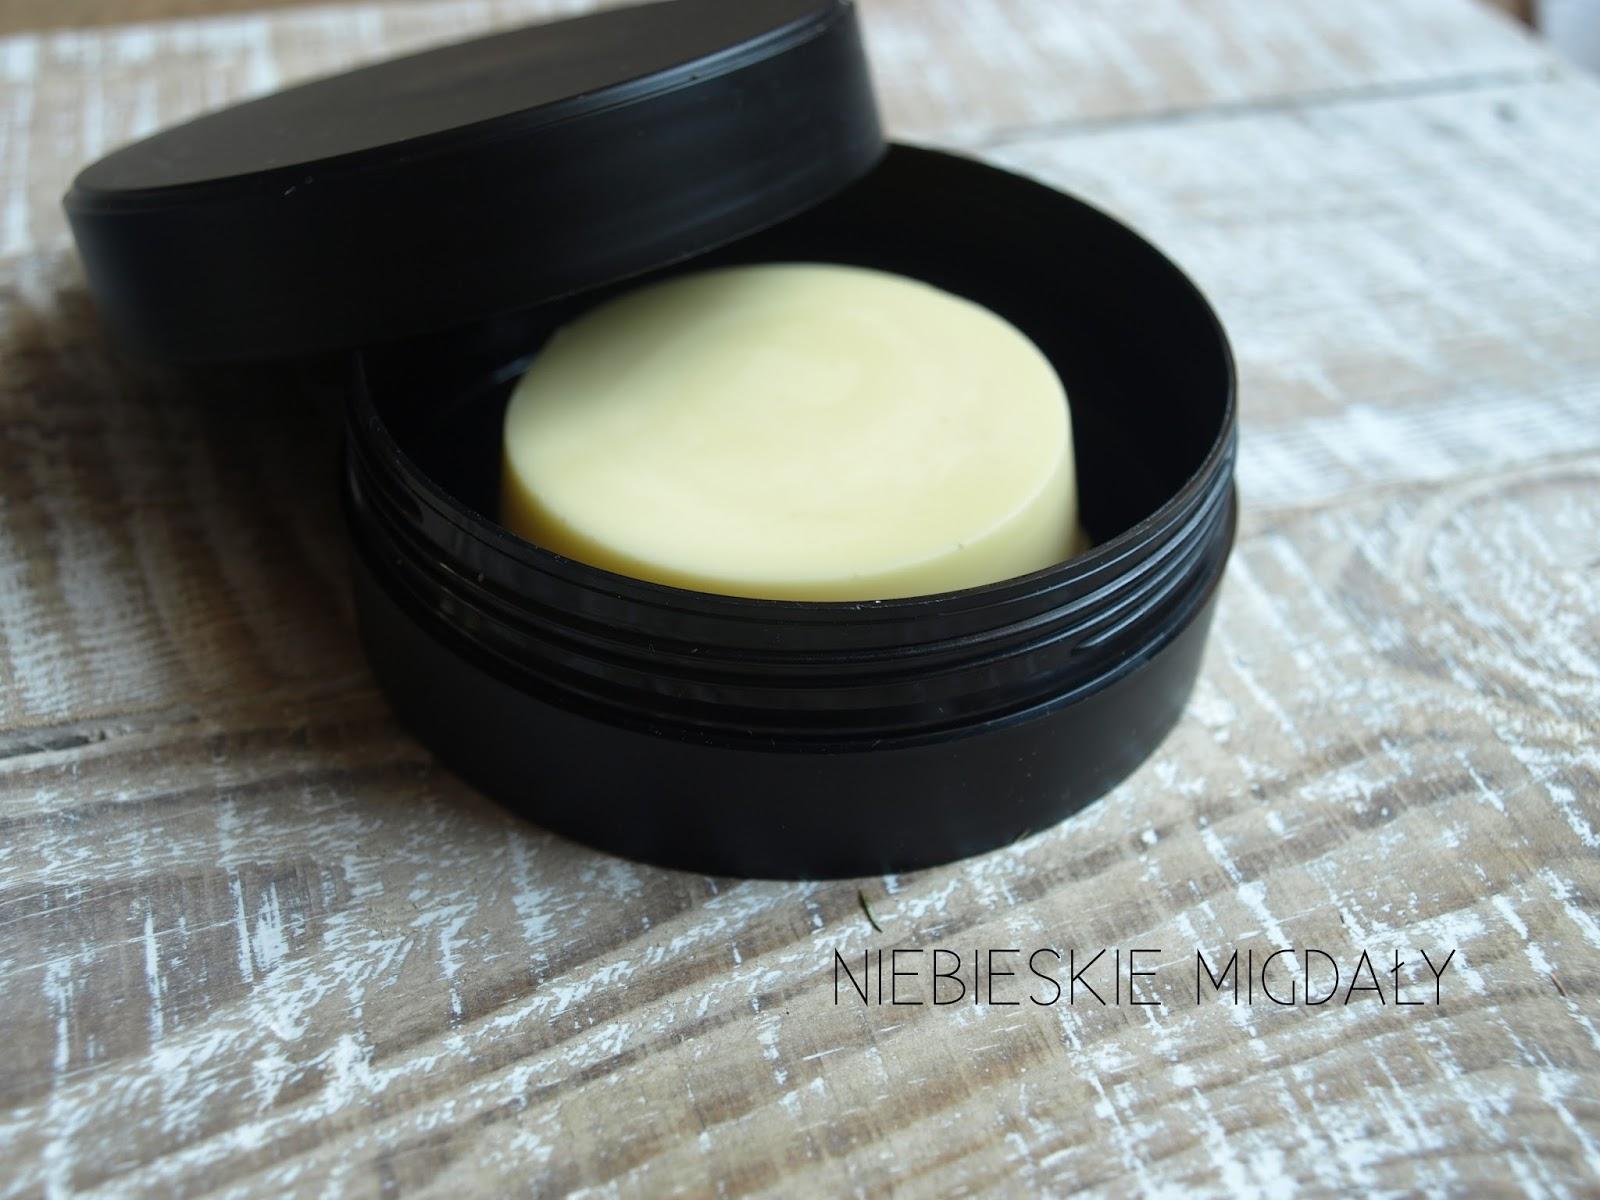 Twardy balsam - ulga dla suchej skóry